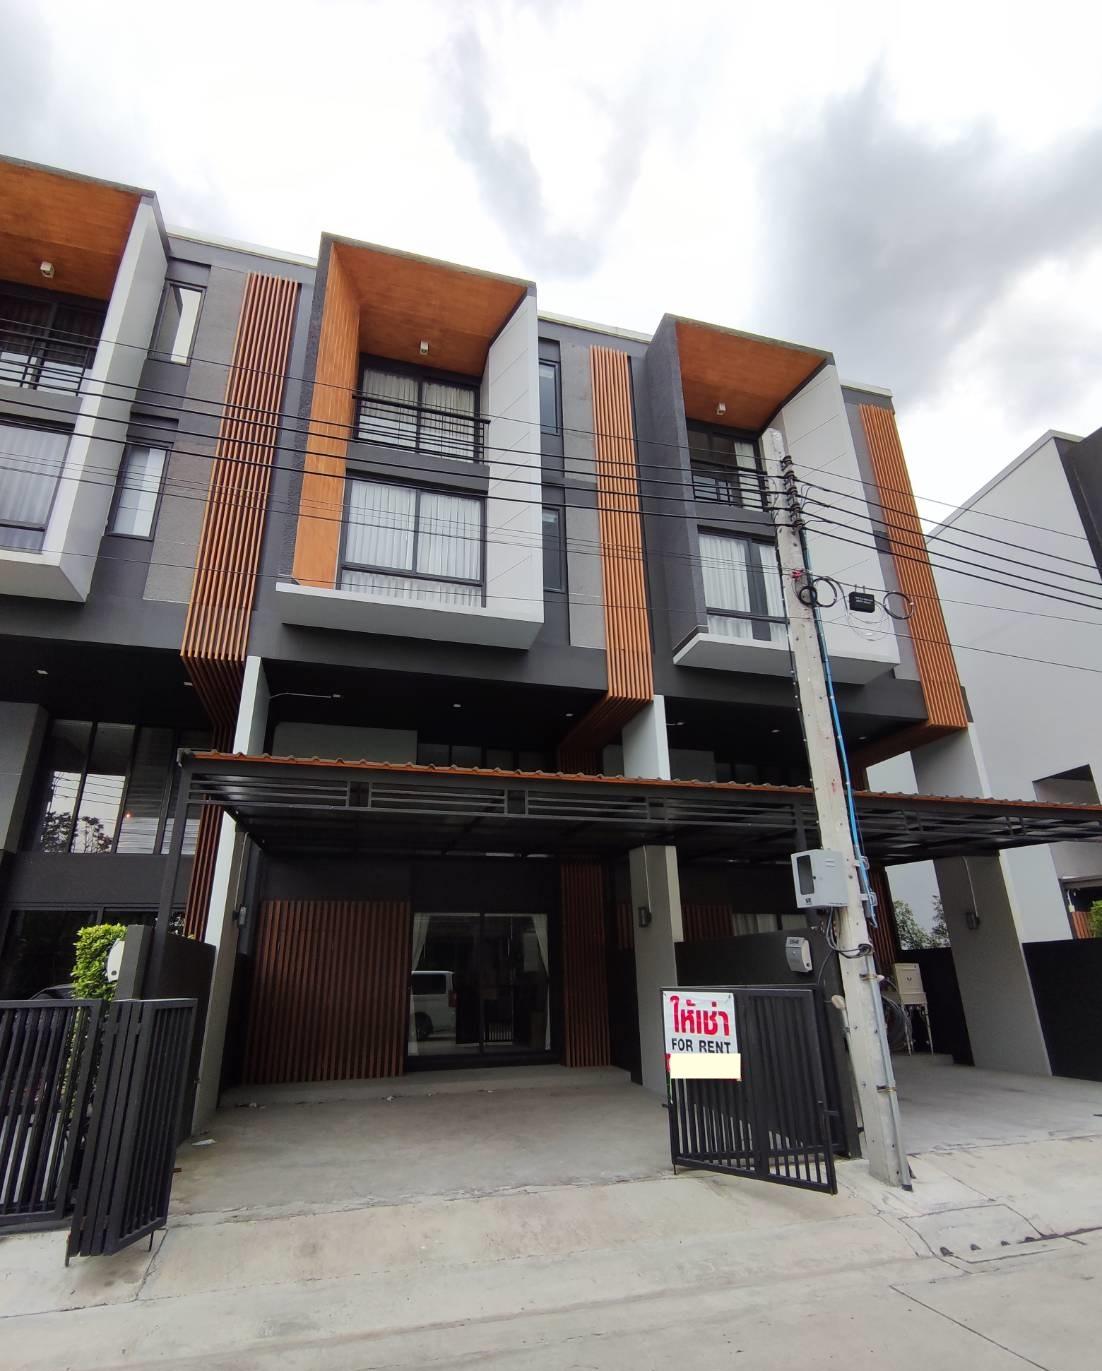 T 820 ให้เช่า ทาวน์โฮม 3 ชั้น ม.Shizen ซ.พัฒนาการ32 บ้านสวยสภาพดี พร้อมเฟอร์ ราคา 49,000 บาท